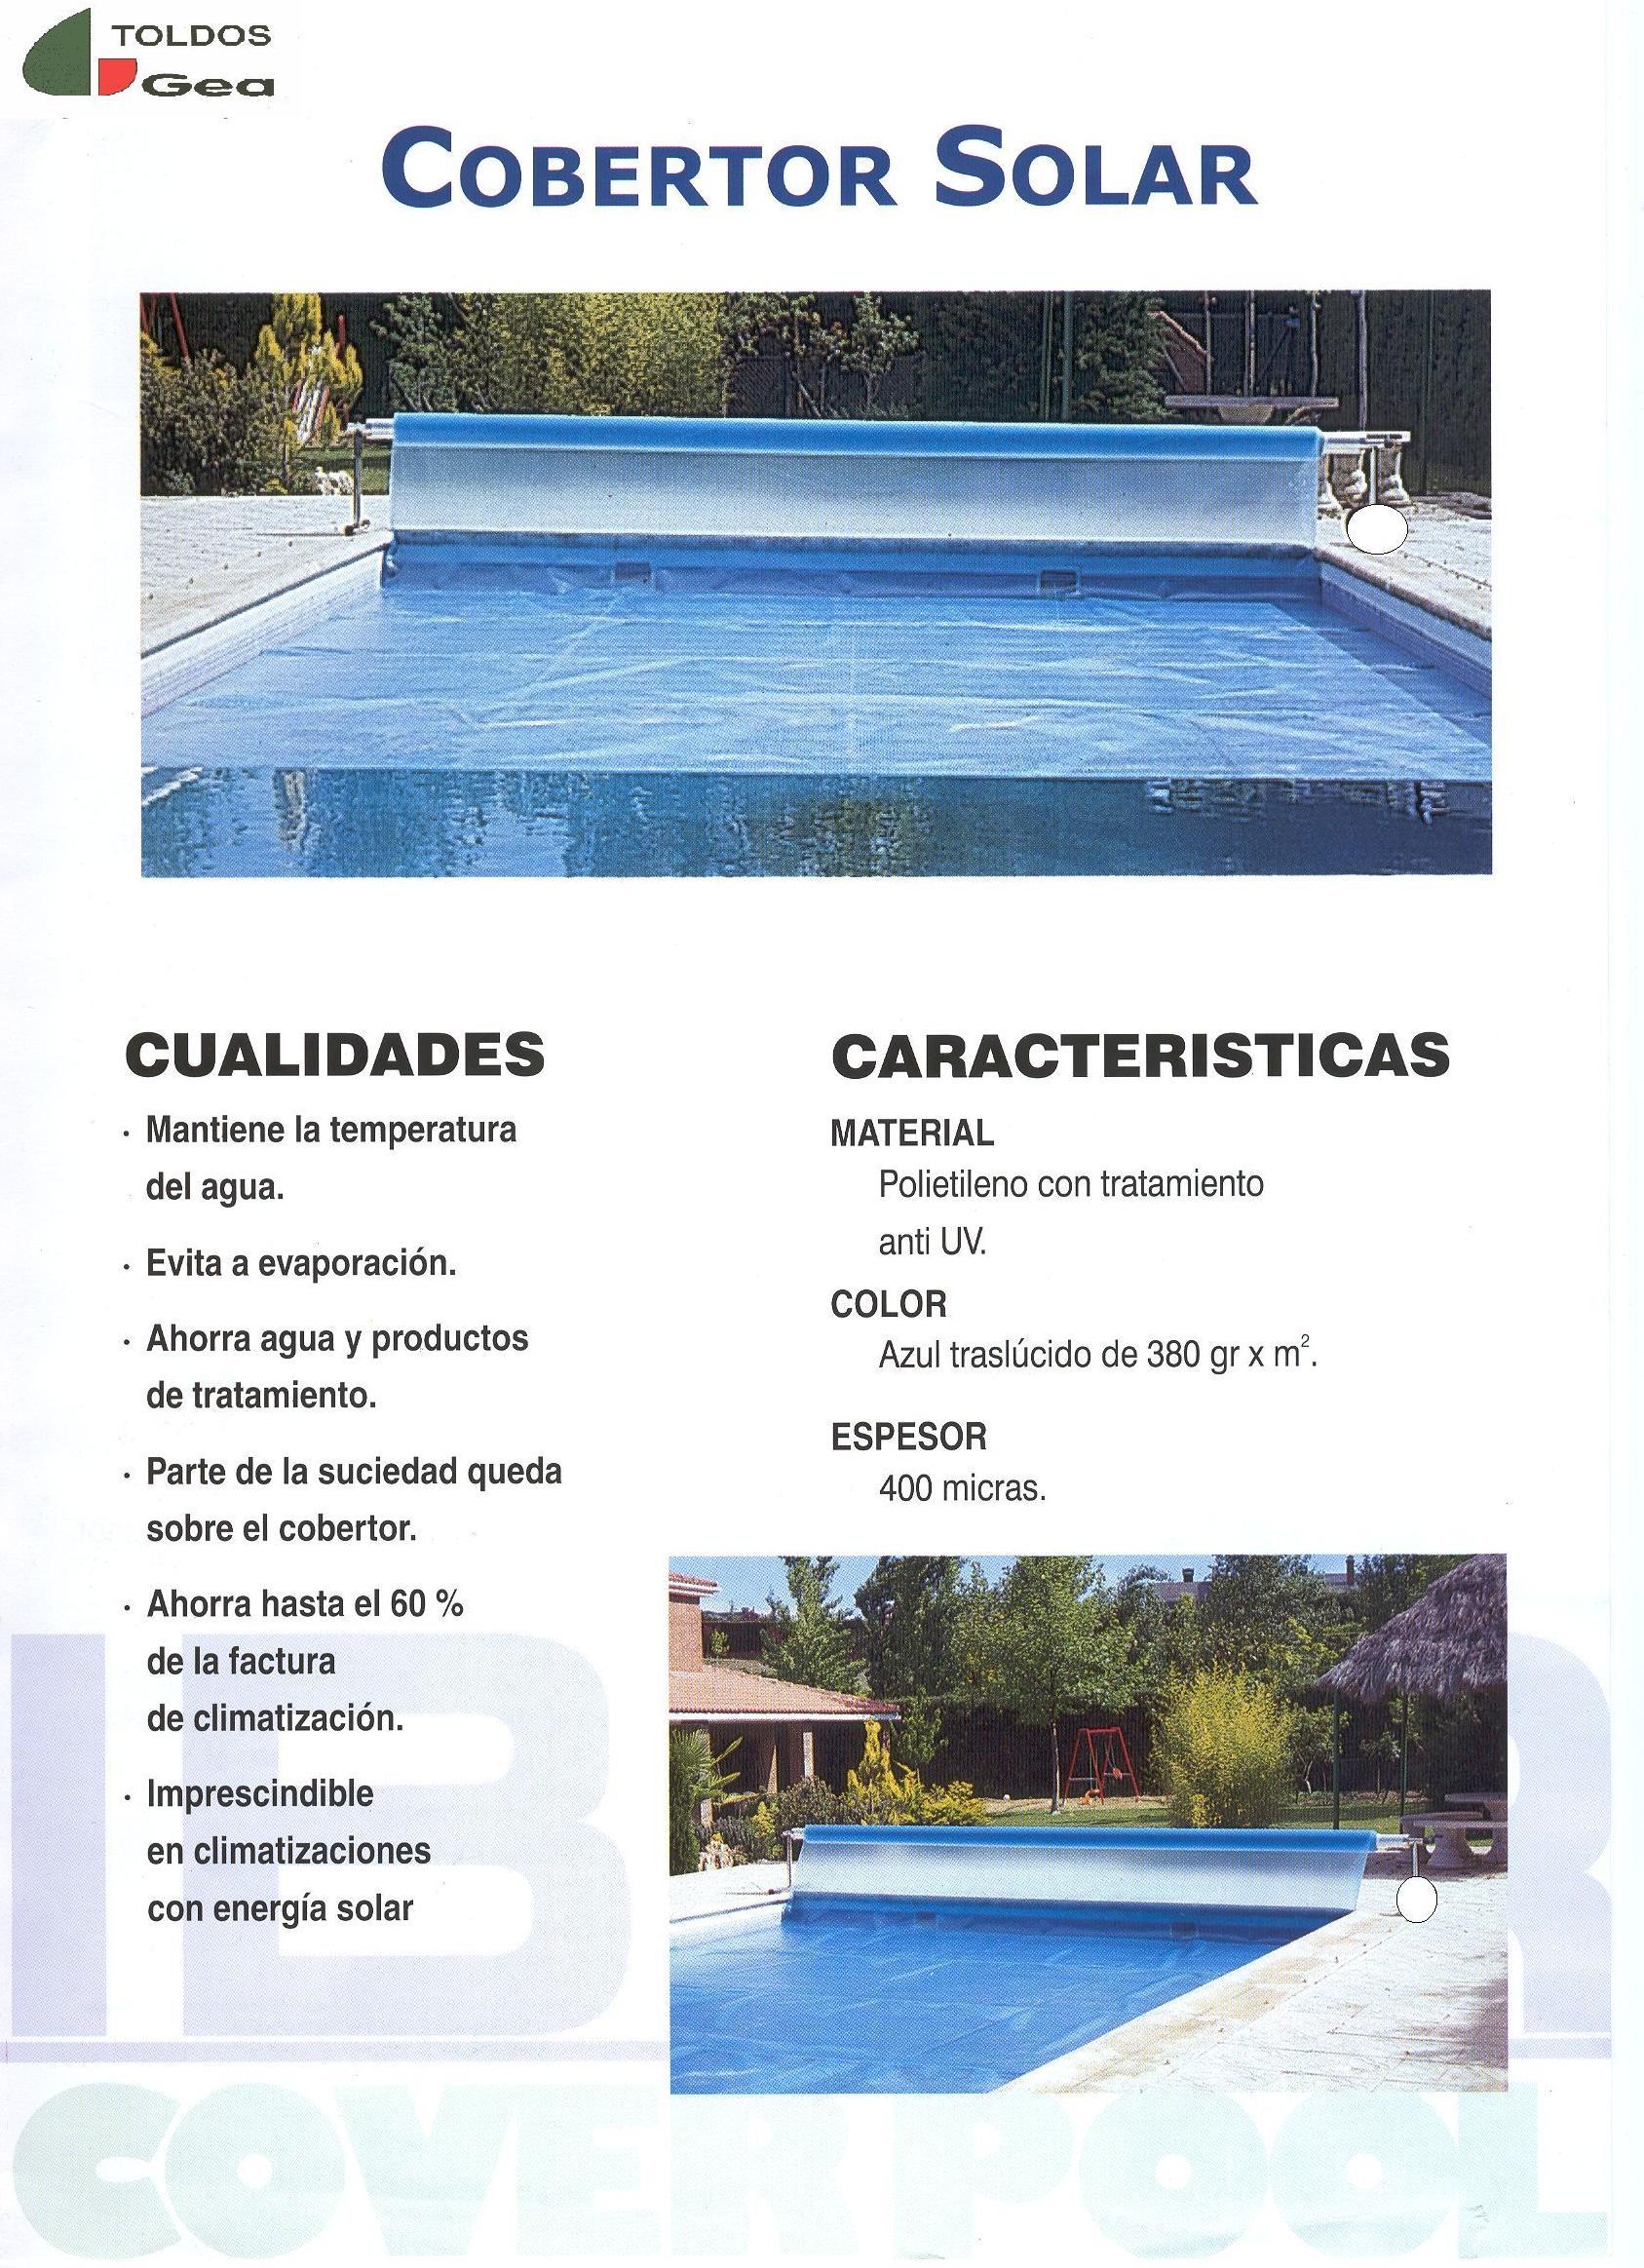 Los mejores cobertores solares para piscinas en murcia for Piscina alcantarilla